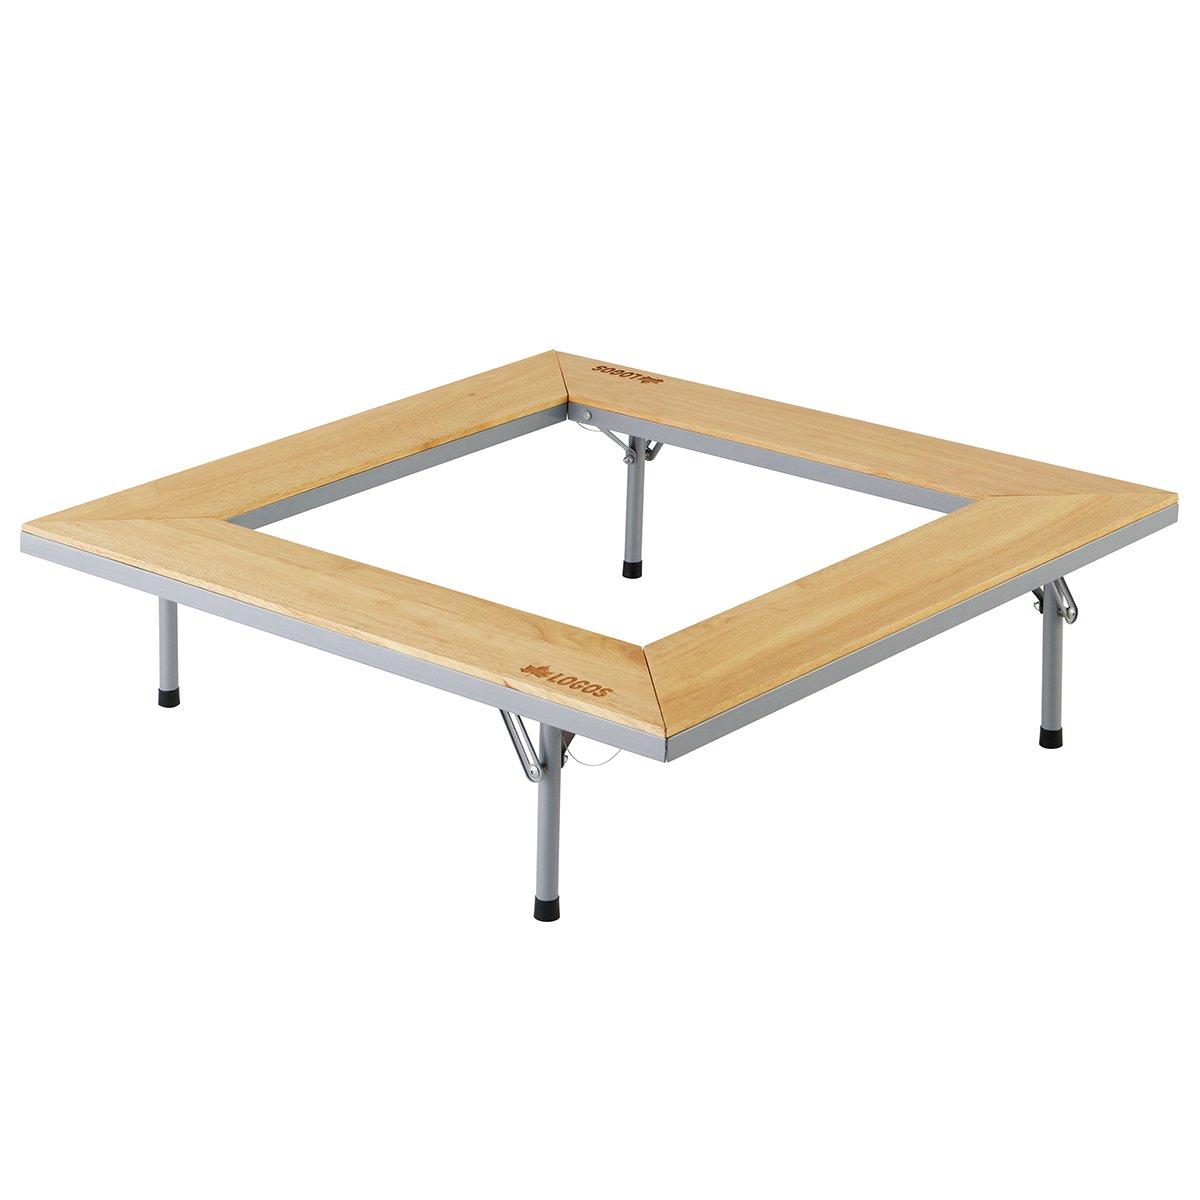 ロゴス(LOGOS) テーブル ウッド囲炉裏テーブル EVO 木製 ピラミッドグリル対応 キャリーバッグ付き   B0078S69D4